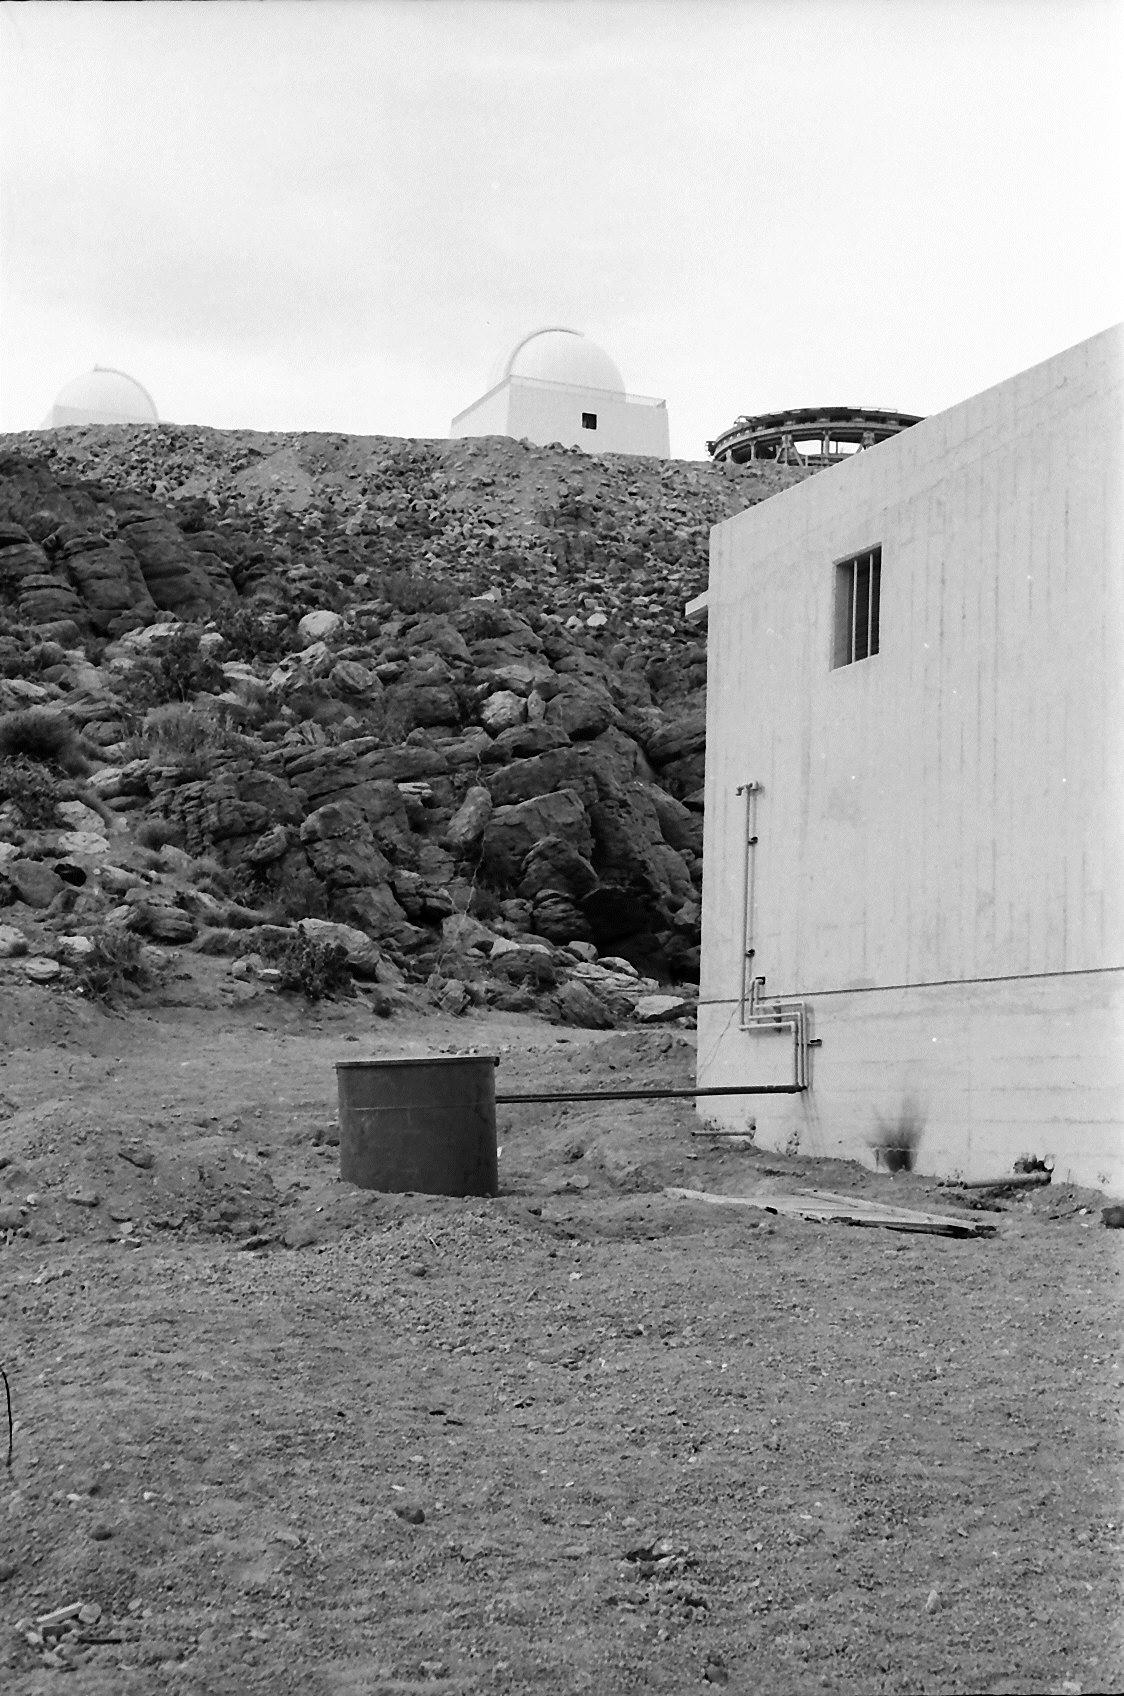 Enterreno - Fotos históricas de chile - fotos antiguas de Chile - Telescopios en cerro Tololo, 1969